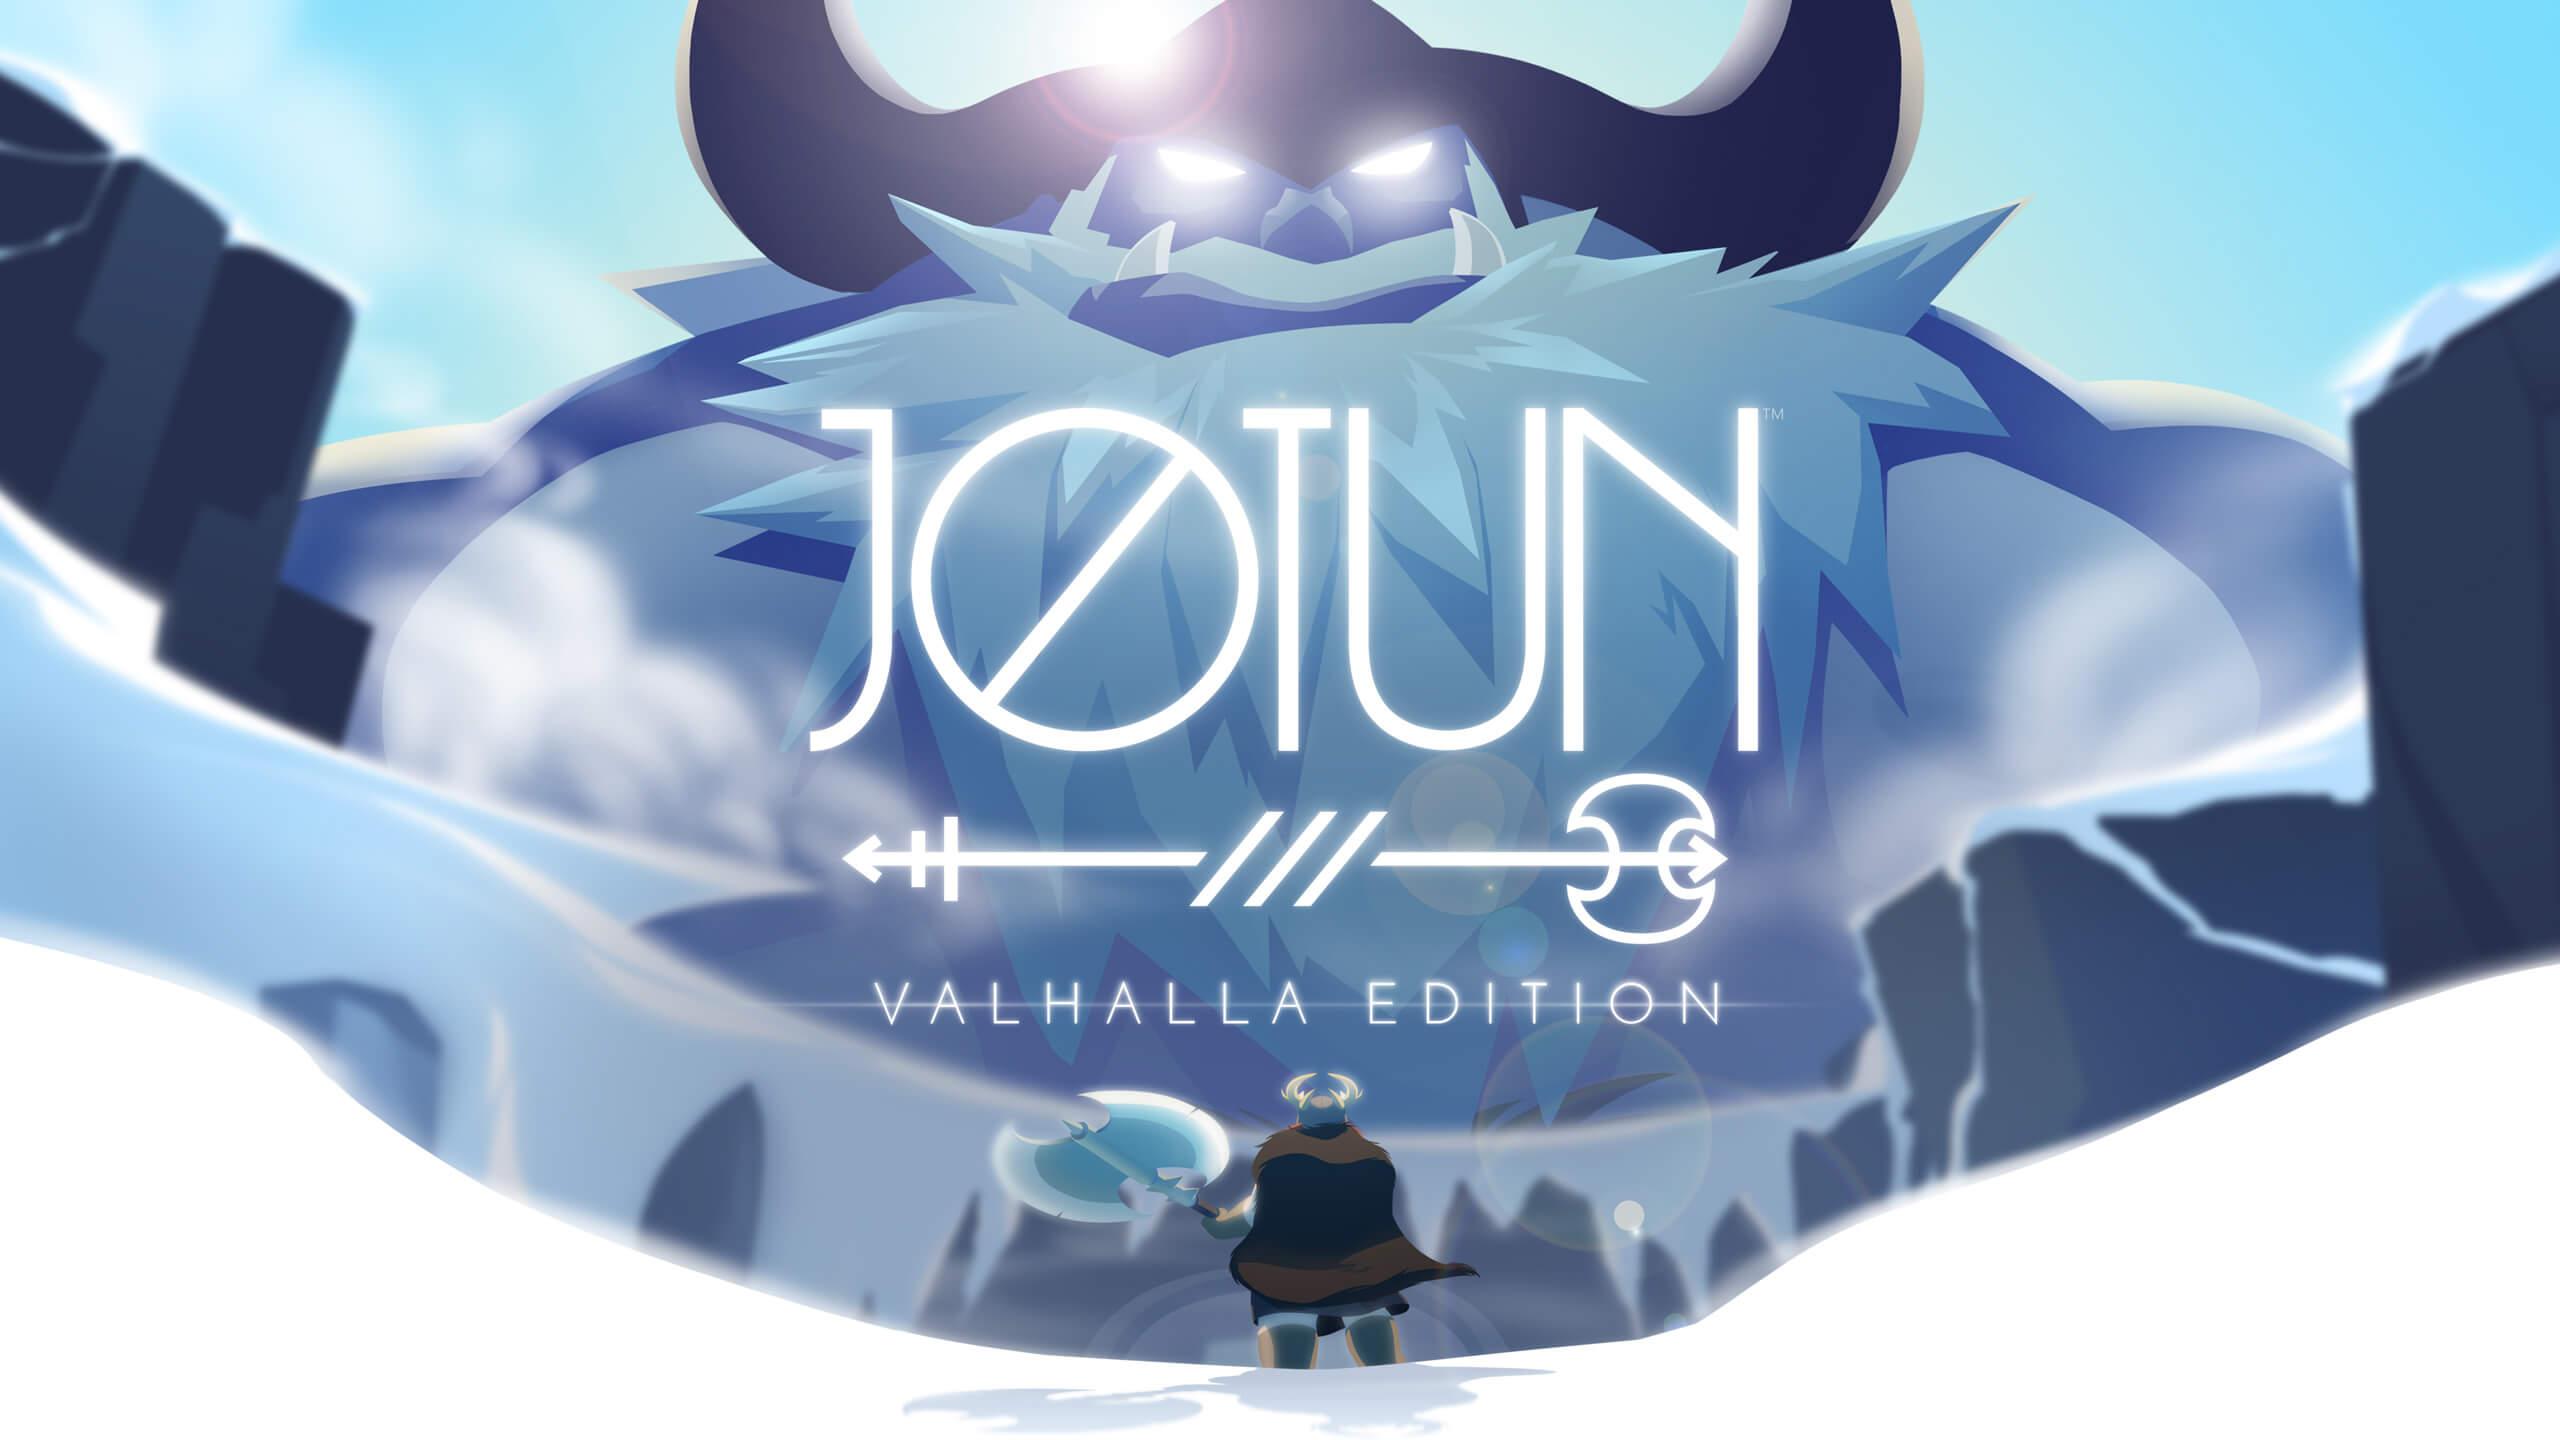 Jotun - Valhalla Edition